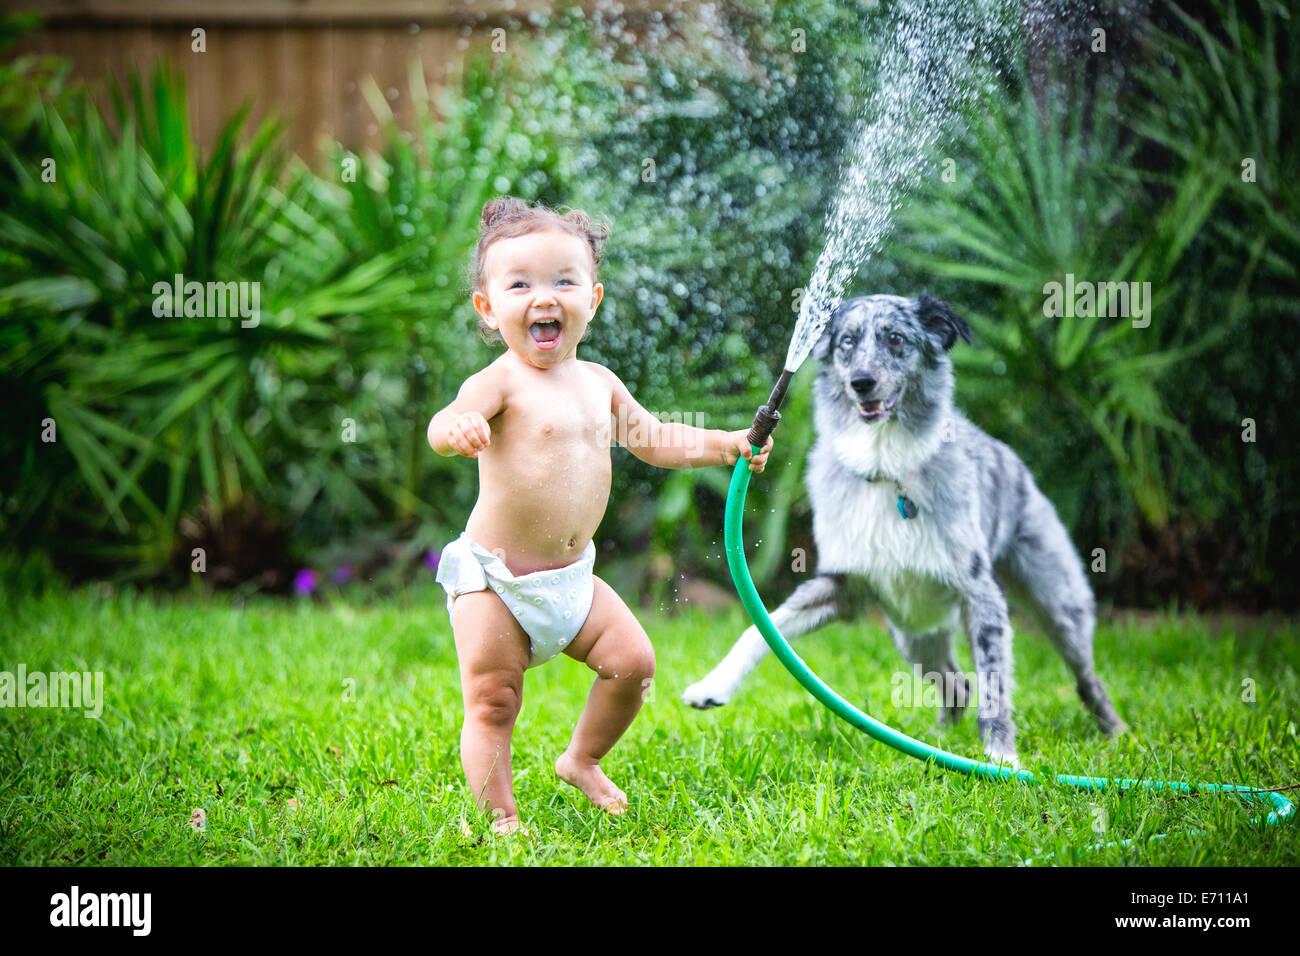 Kleinkind Mädchen mit Wasserschlauch, spielen mit Hund Stockbild